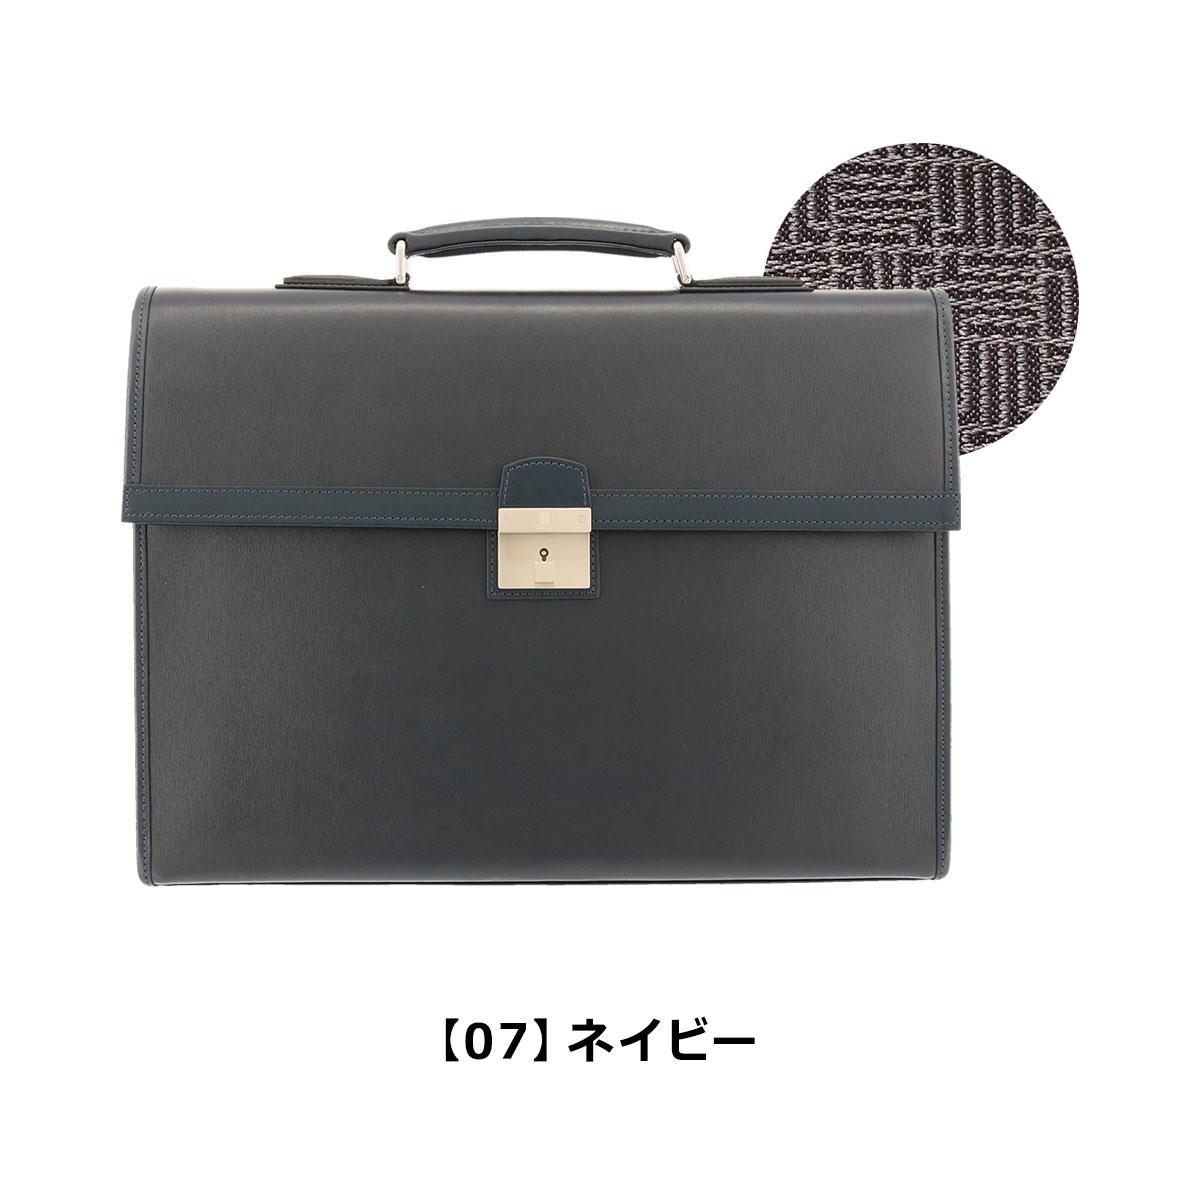 ランバンコレクション ブリーフケース A4 鍵付 メンズ 日本製 フロー 282553 | LANVIN COLLECTION ビジネスバッグ 出張 牛革 本革 レザー[PO5][bef]